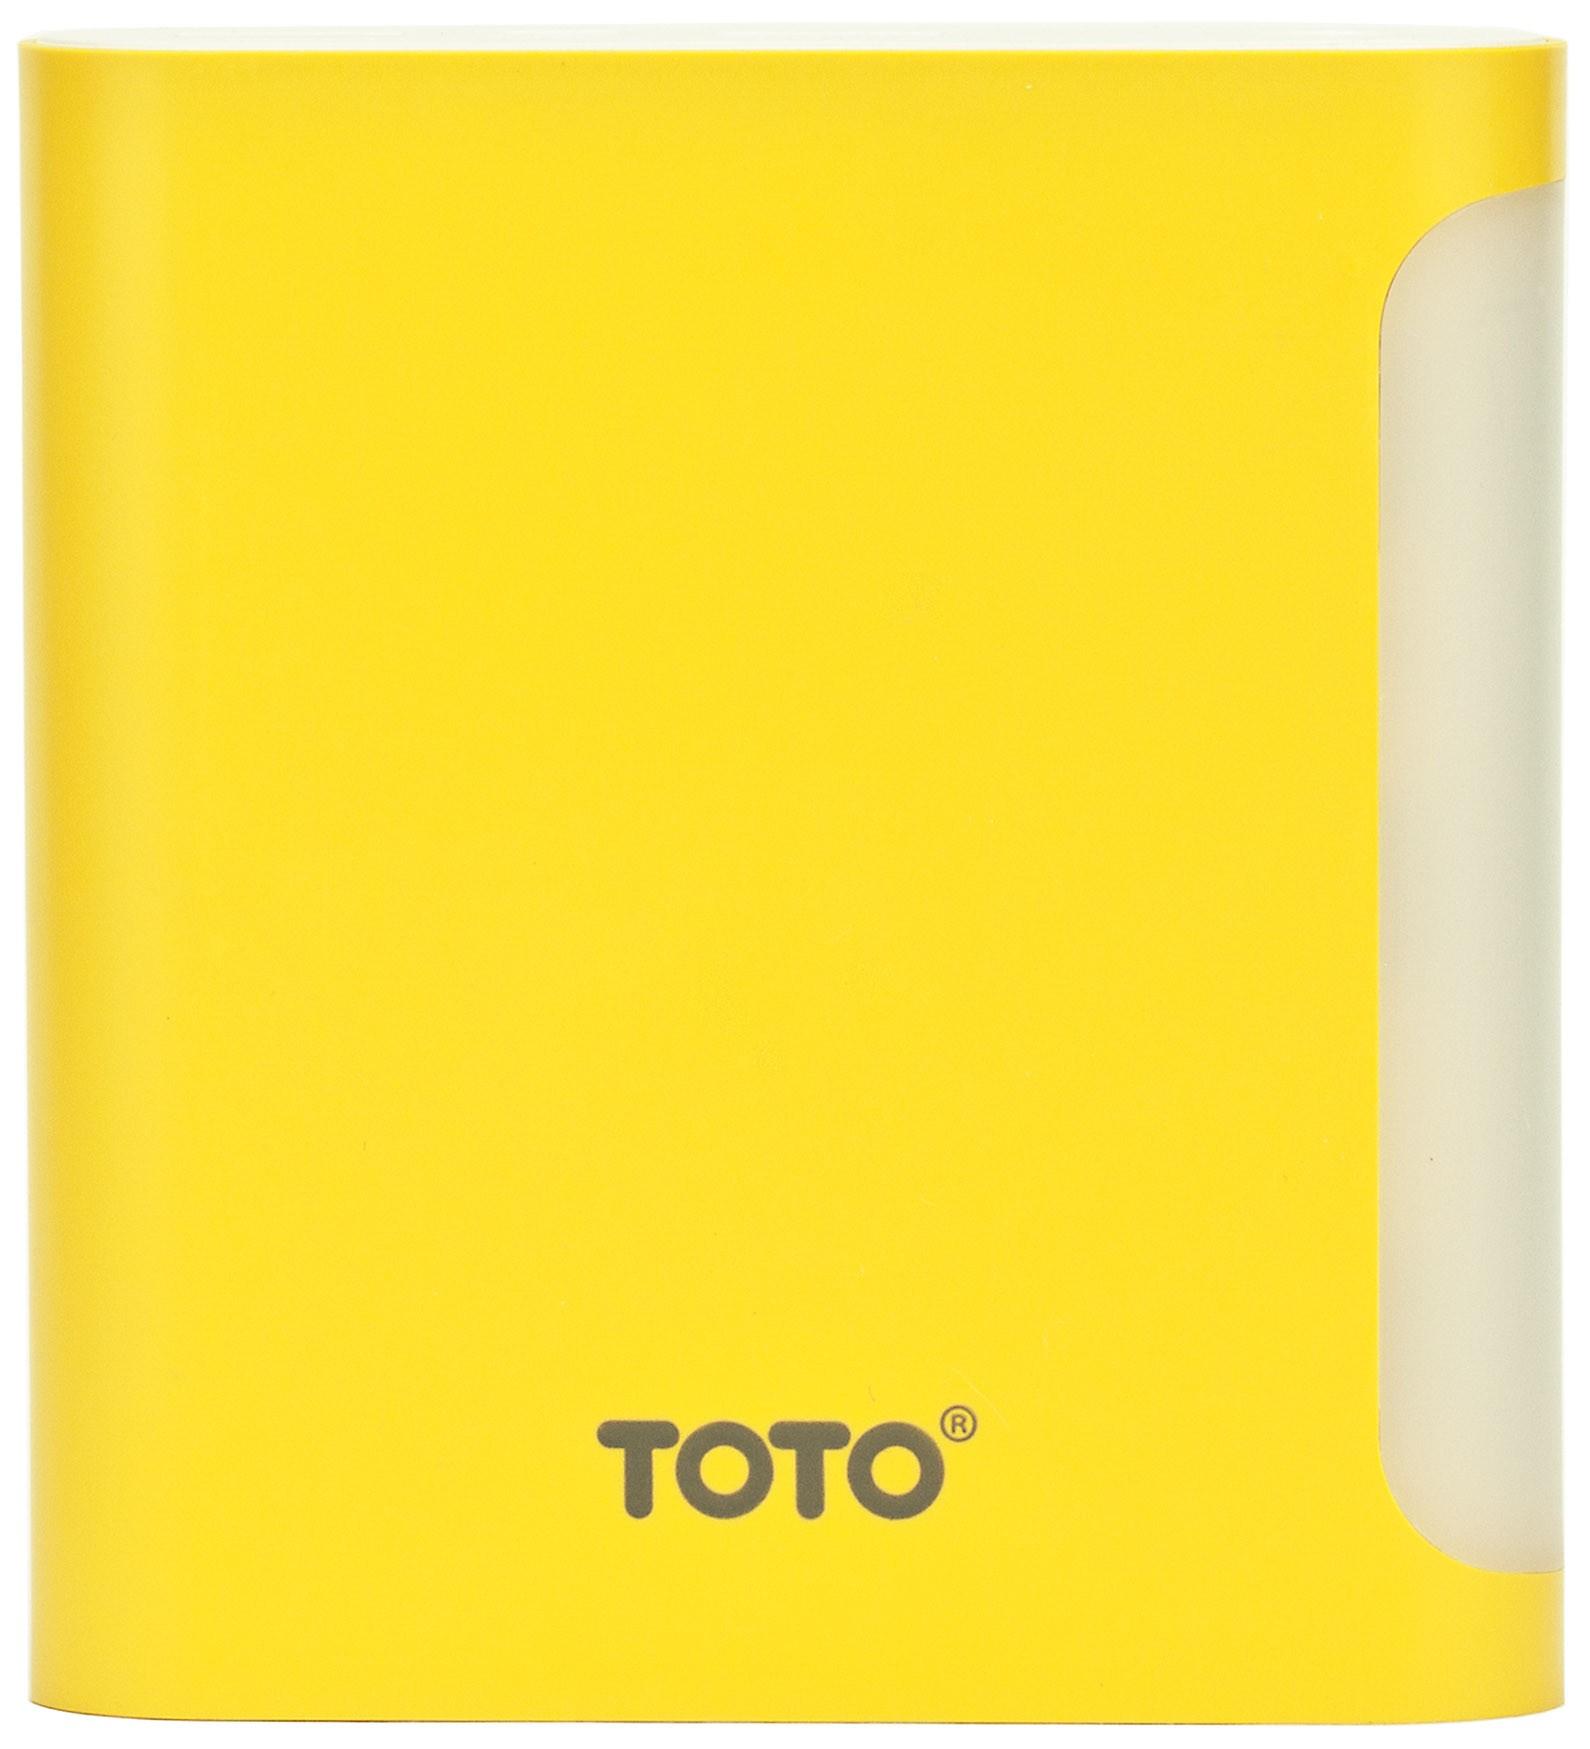 Портативная батарея TOTO TBG-47 Power Bank 10000 mAh 2USB 3,1A Li-Ion Yellow - Фото 1